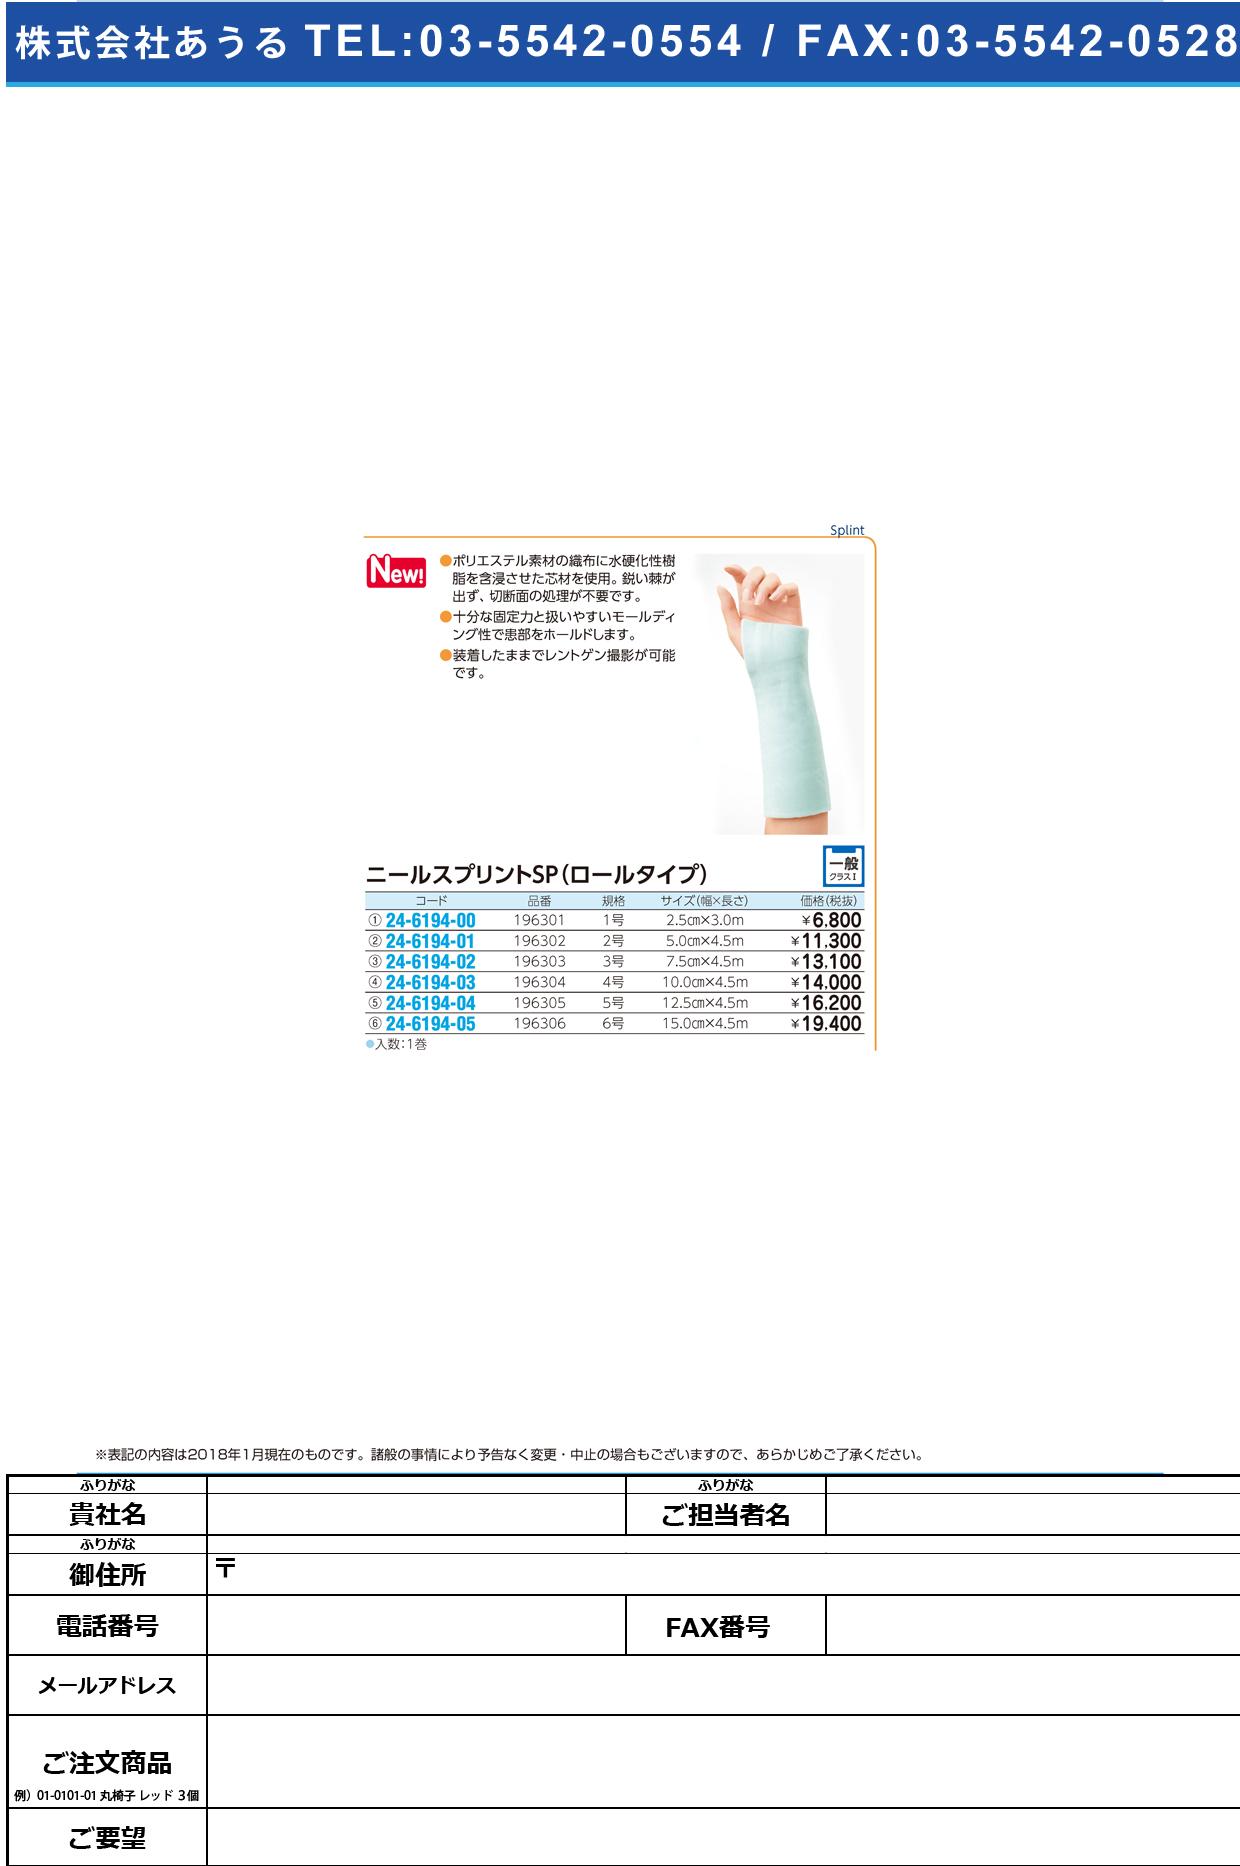 (24-6194-00)ニールスプリントSP(ロール)1号 196301(2.5CMX3.0M) ニールスプリントSP(ロール)(日本シグマックス)【1箱単位】【2018年カタログ商品】